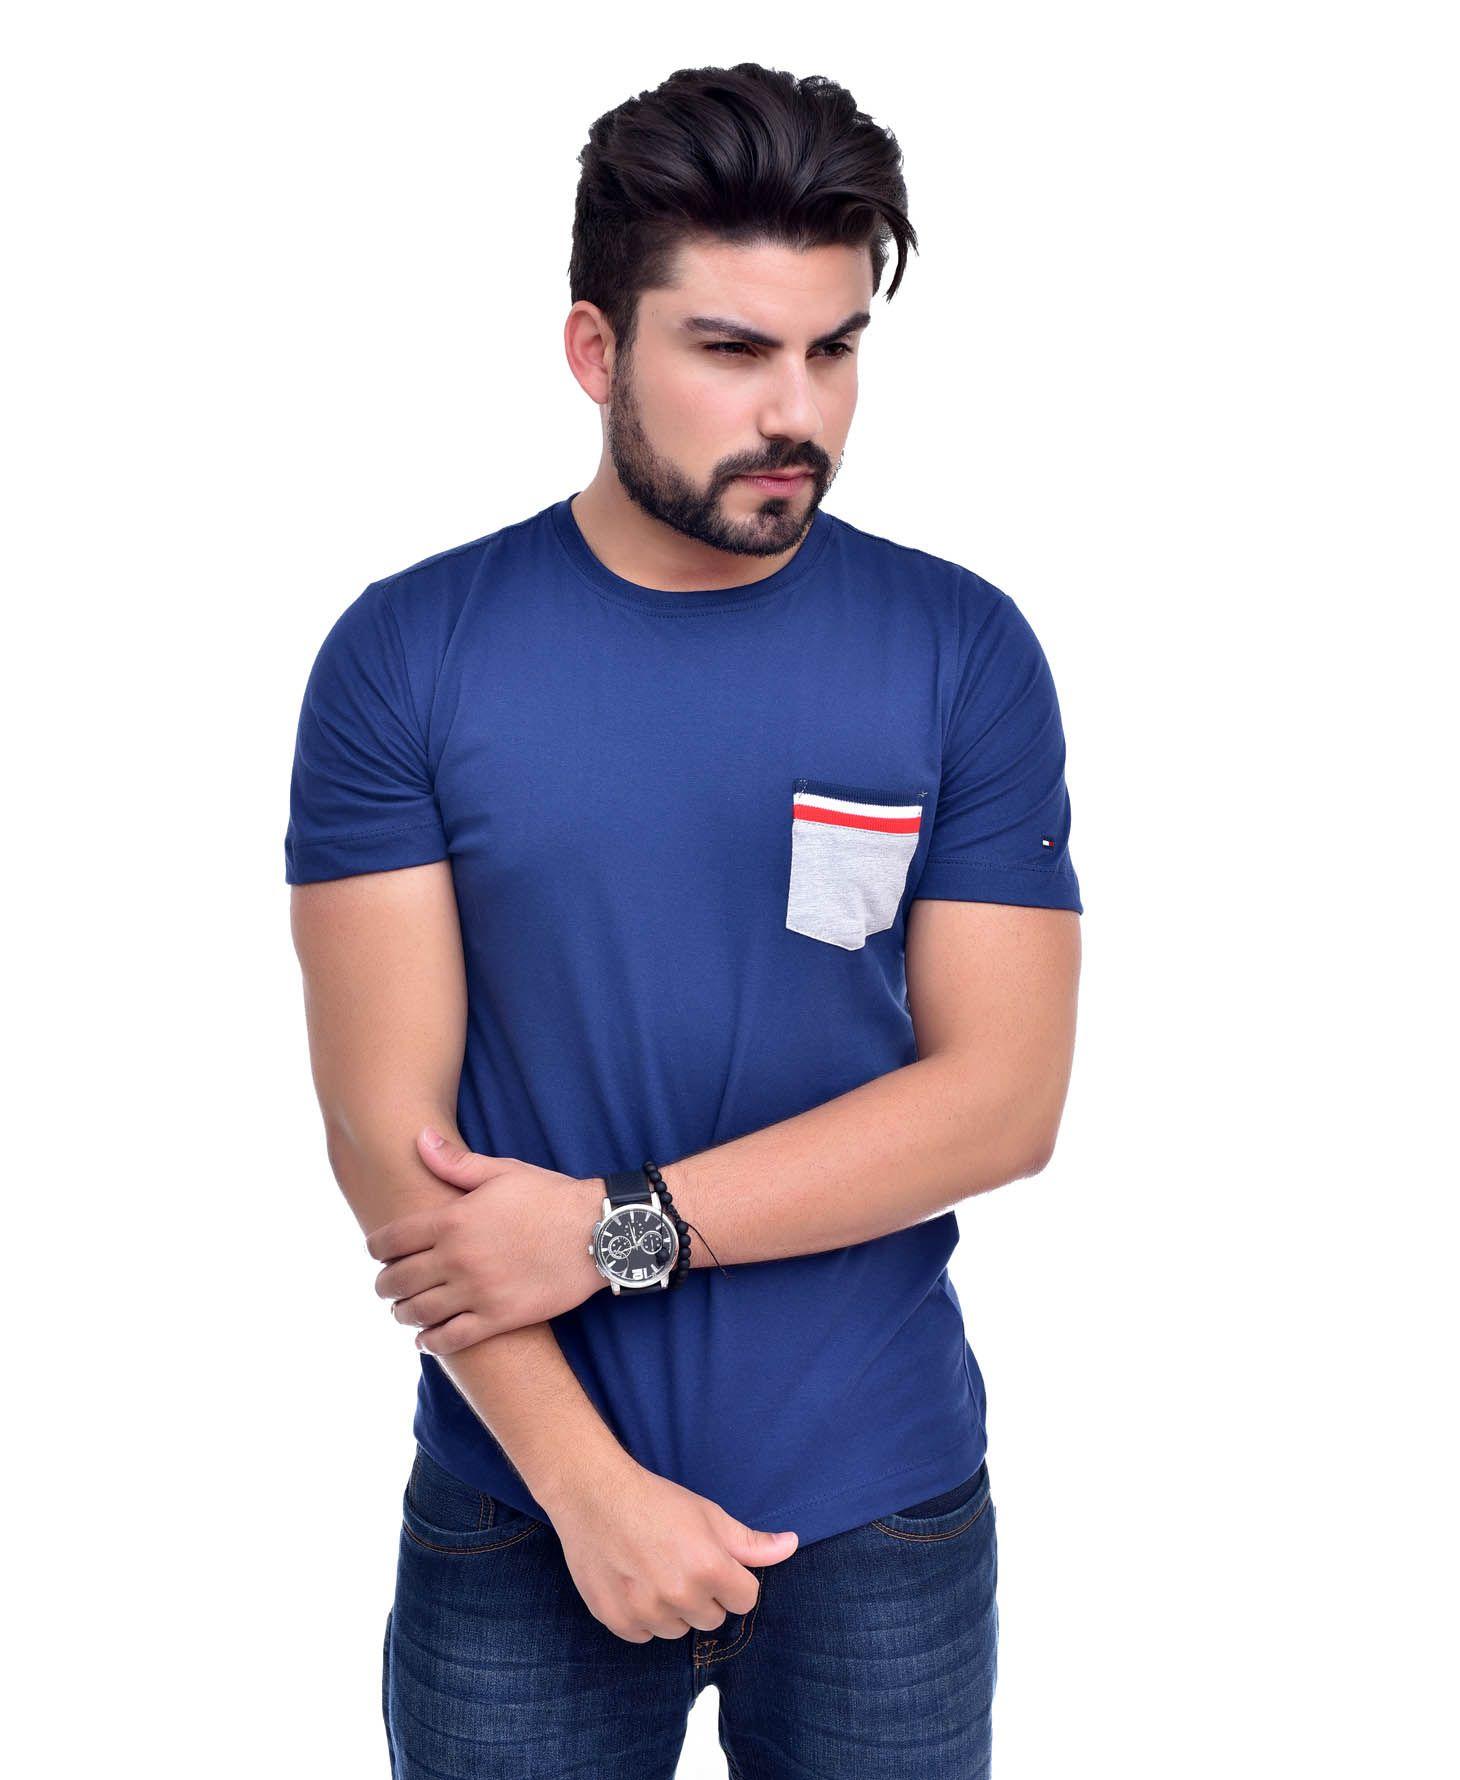 Camiseta Bolso TH Azul Marinho/MC